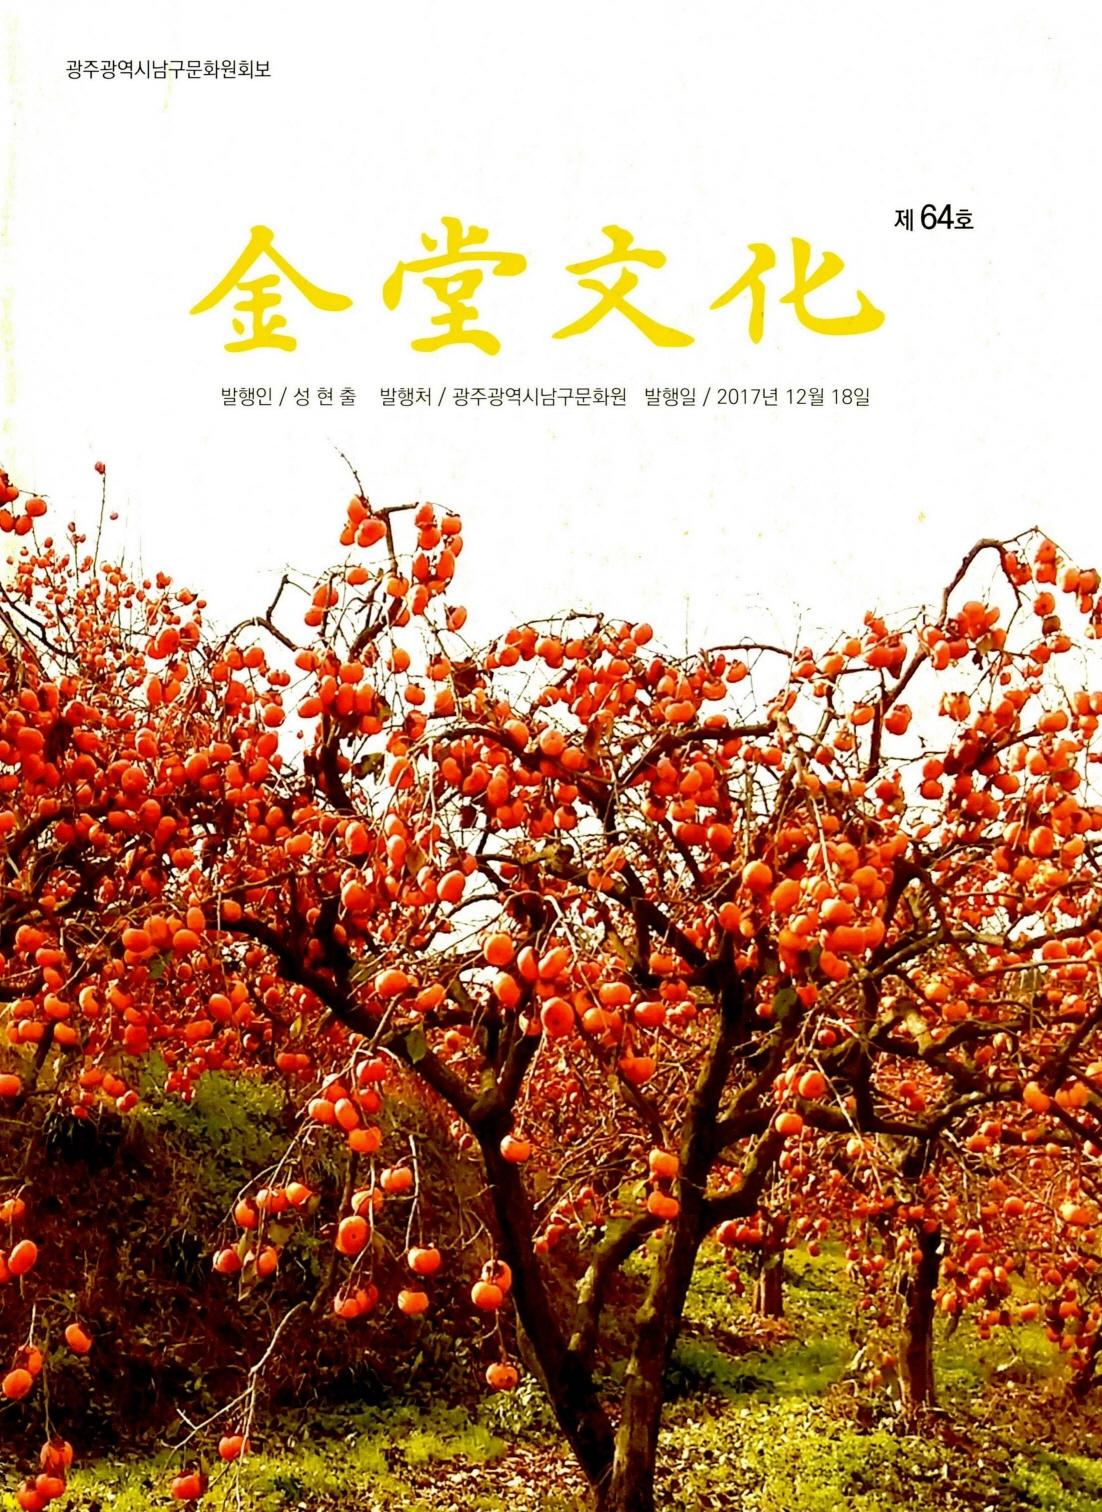 광주광역시남구문화원회보 금당문화 제64호